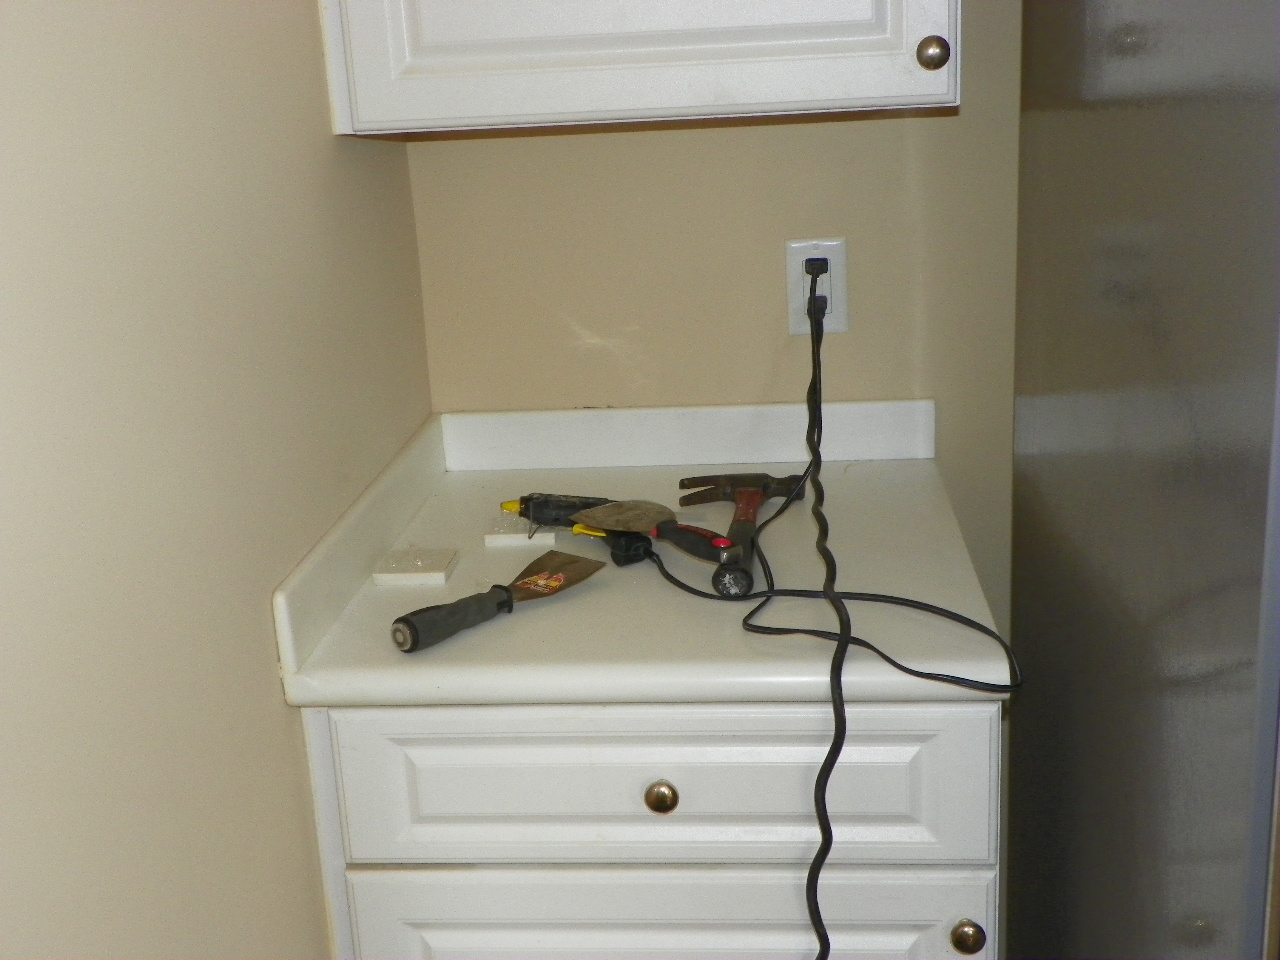 Countertop Repair : ... Countertop Repair Blog: Corian Countertop Repair. Rock Hill, South